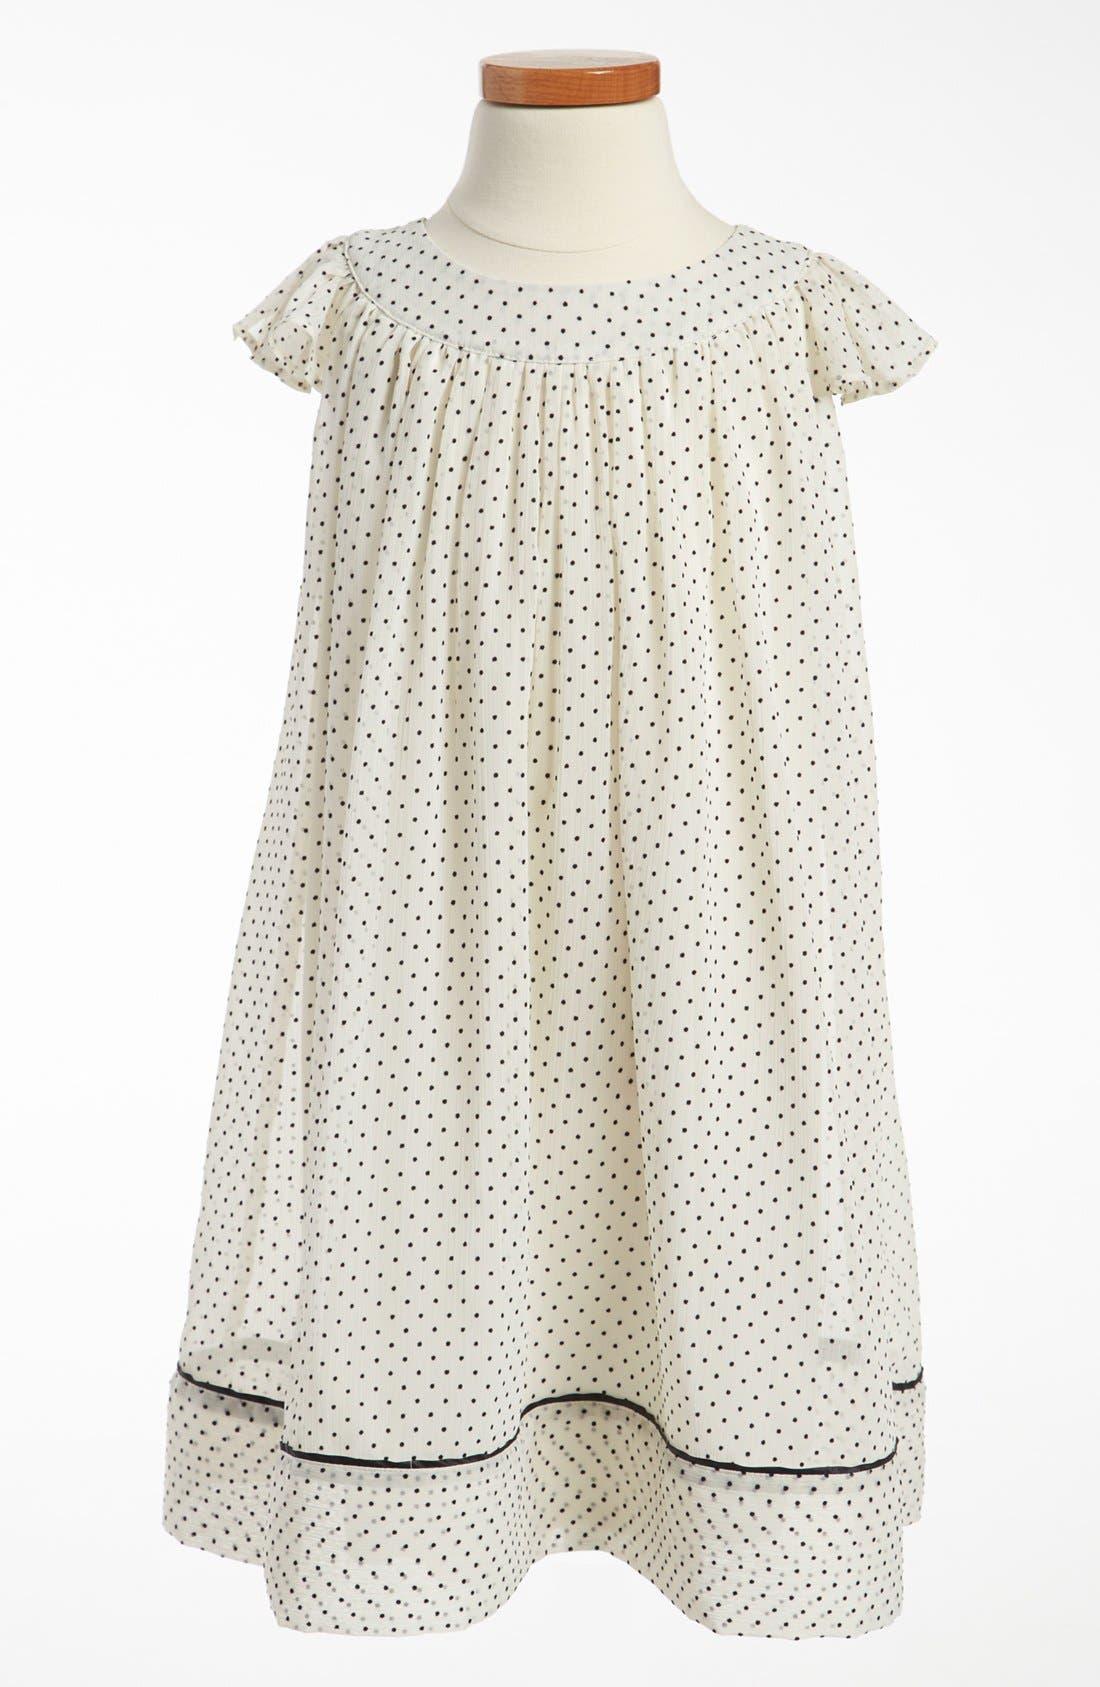 Alternate Image 1 Selected - Ruby & Bloom 'Irina' Flocked Dress (Little Girls)